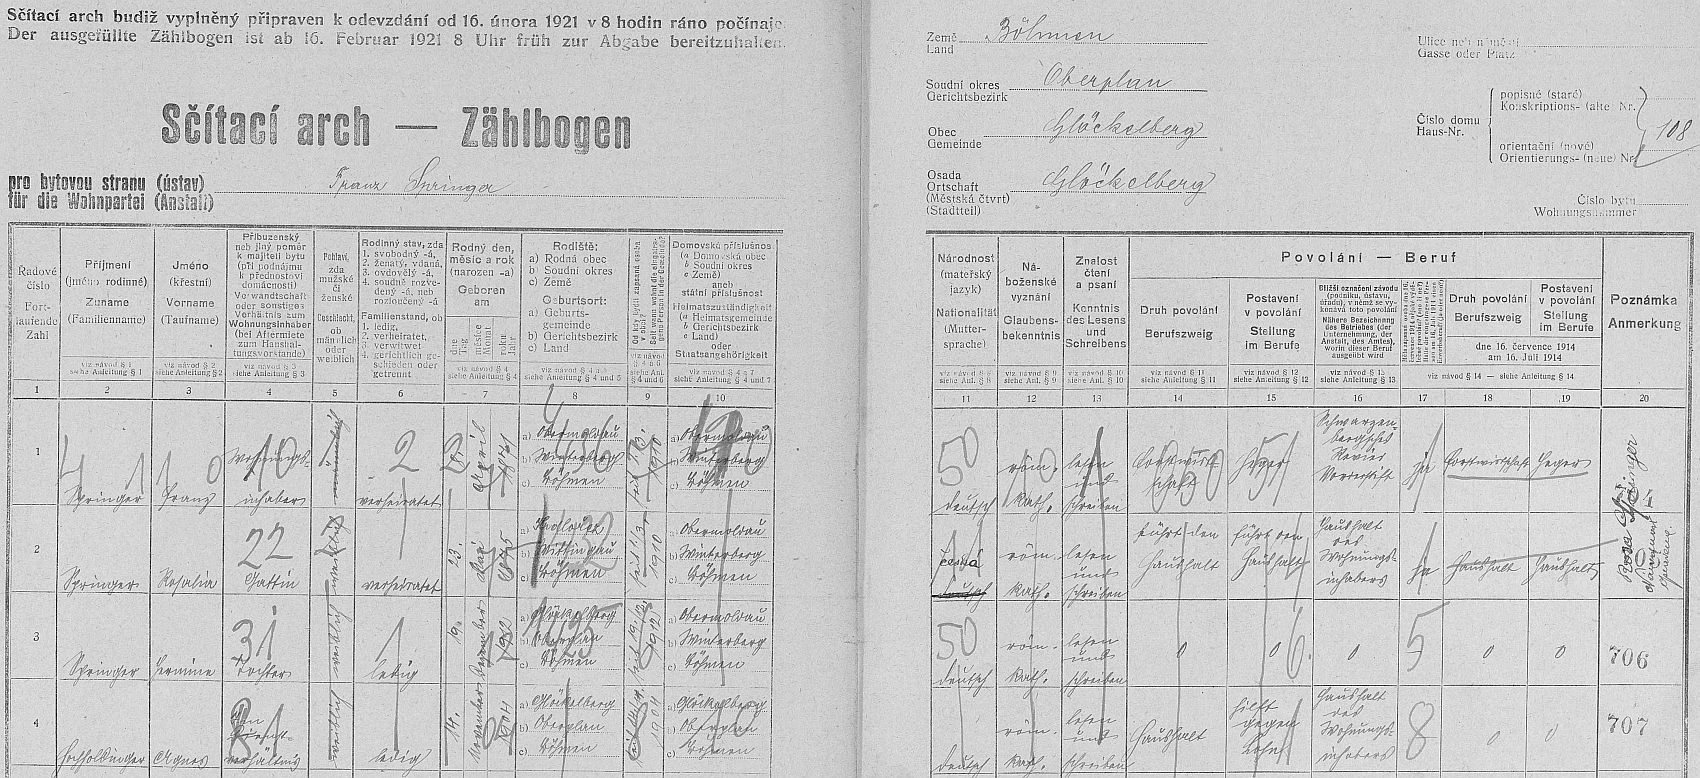 """Arch sčítání lidu z roku 1921 pro stavení čp. 108 v zaniklém Glöckelbergu (dnes Zadní Zvonková), kde bydlel Hajný Franz Springer (*8. dubna 1871 v Horní Vltavici), jeho žena Rosalia (*23. května 1875 v Hrdlořezích), v rubrice """"Muttersprache"""", tj. mateřština, opraveno z """"deutsch"""" na """"česká"""", dcera Hermine a placená služebná Agnes Hochholdingerová odtud z Glöckelbergu"""